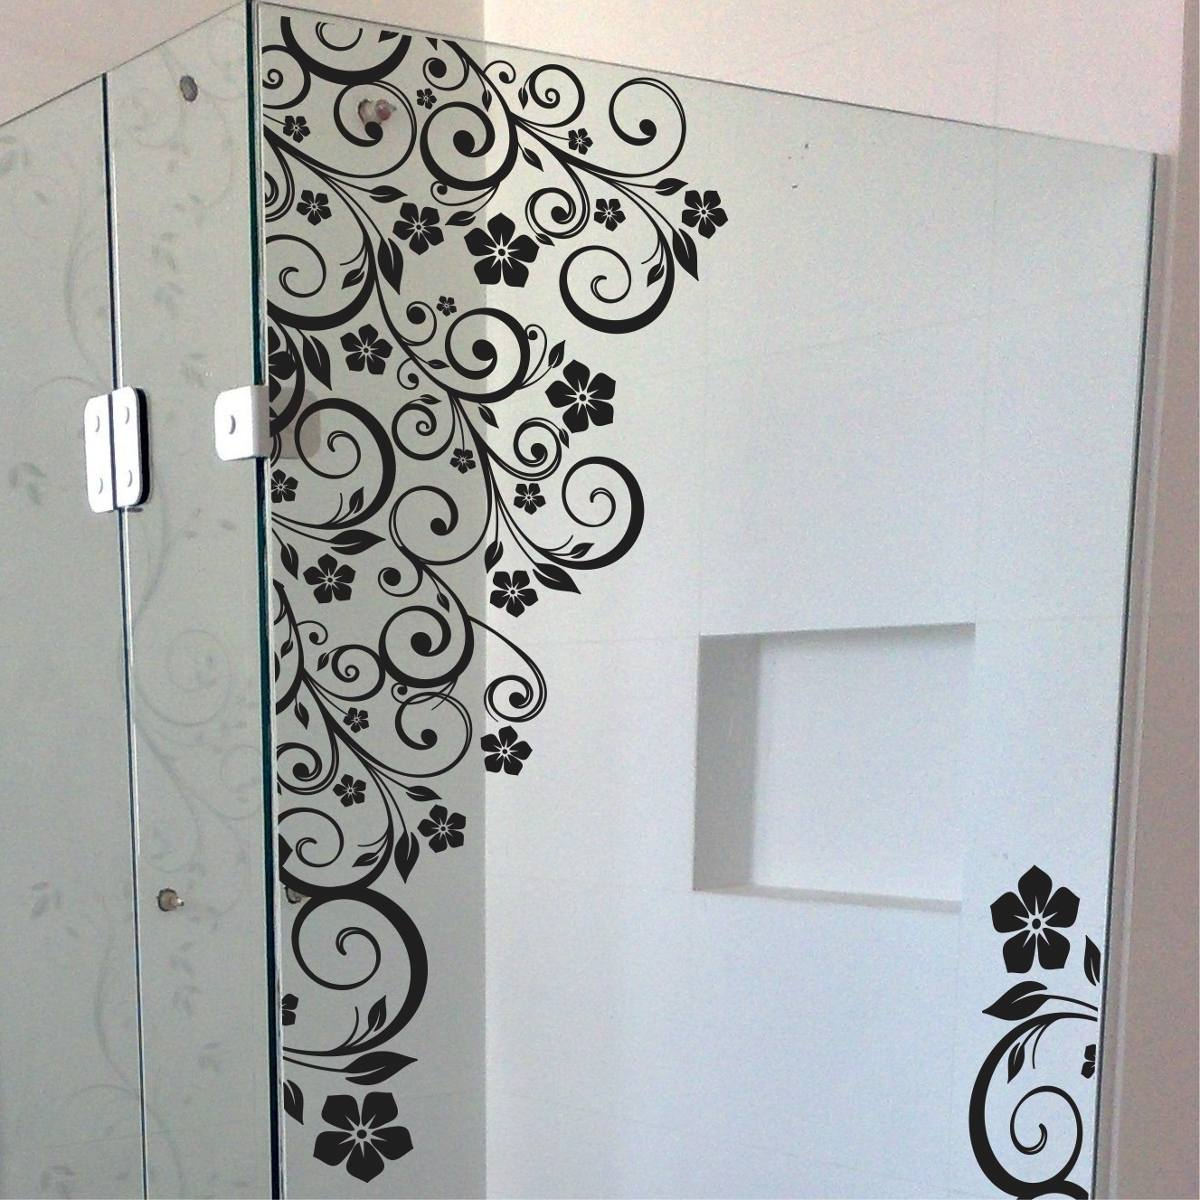 Armario Para Consultorio Odontologico Com Pia ~ Adesivo Box Banheiro Floral Parede Blindex R$ 96,15 em